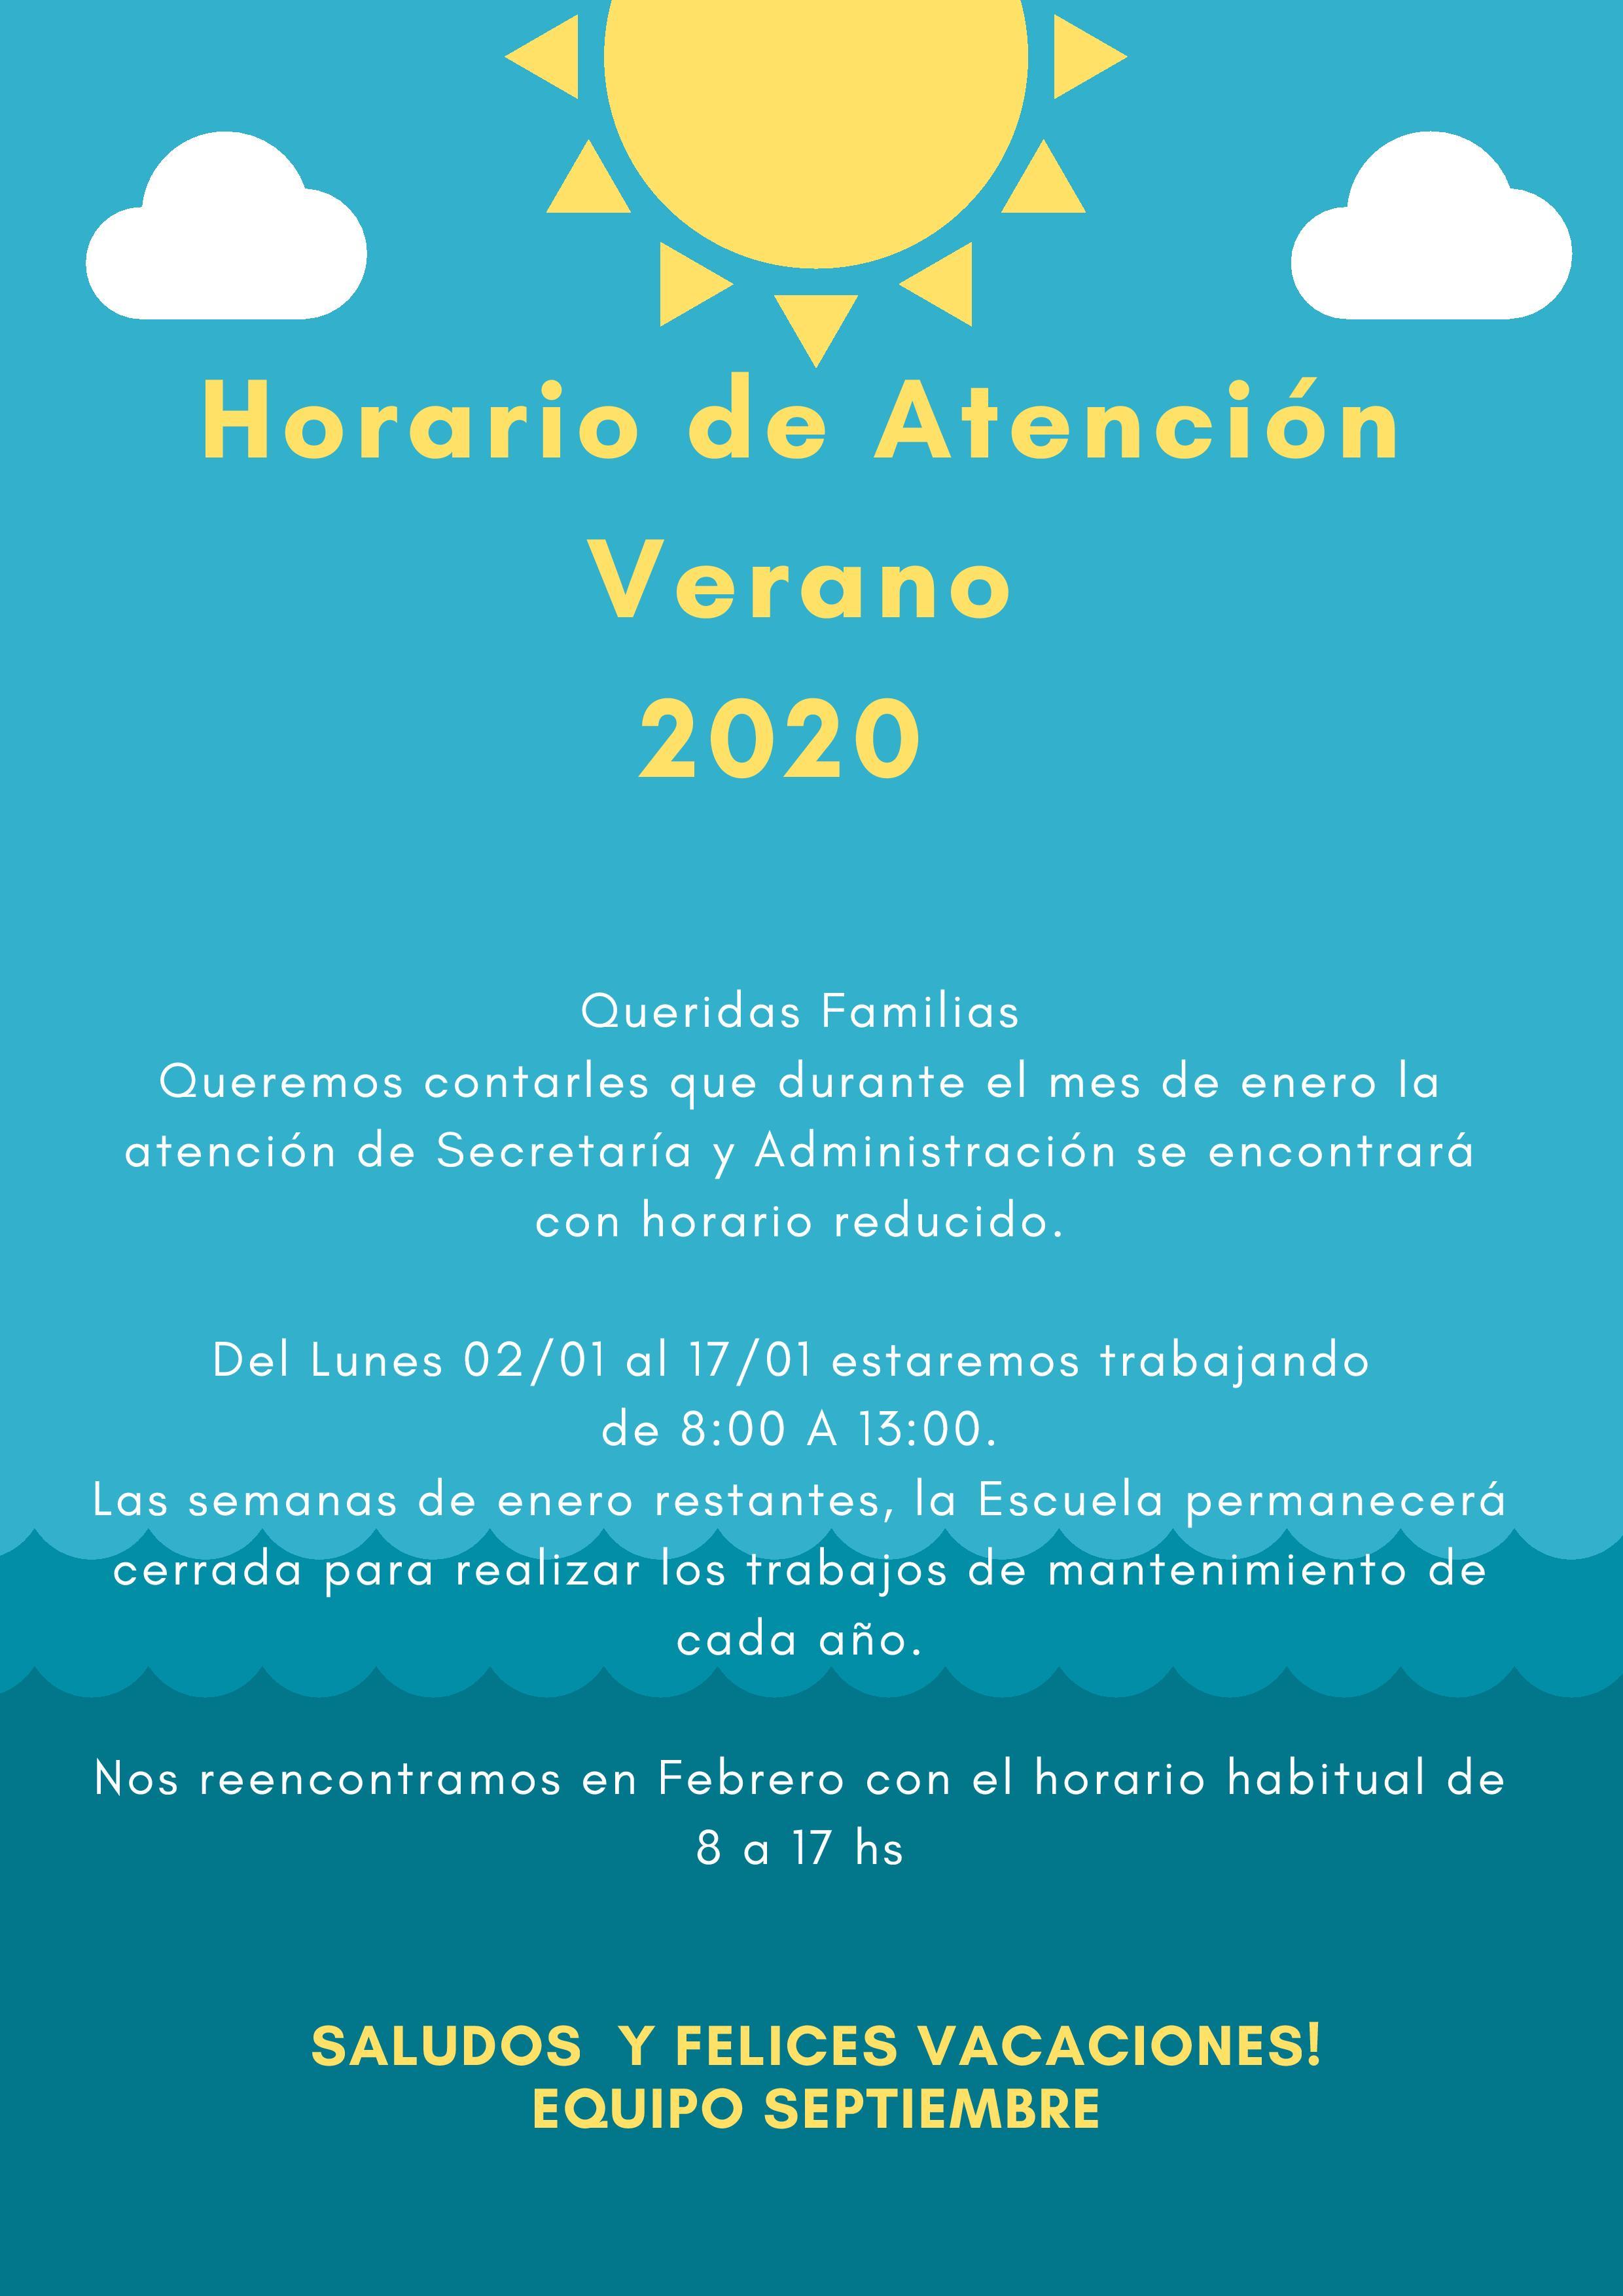 Horario de Atención de Verano 2020